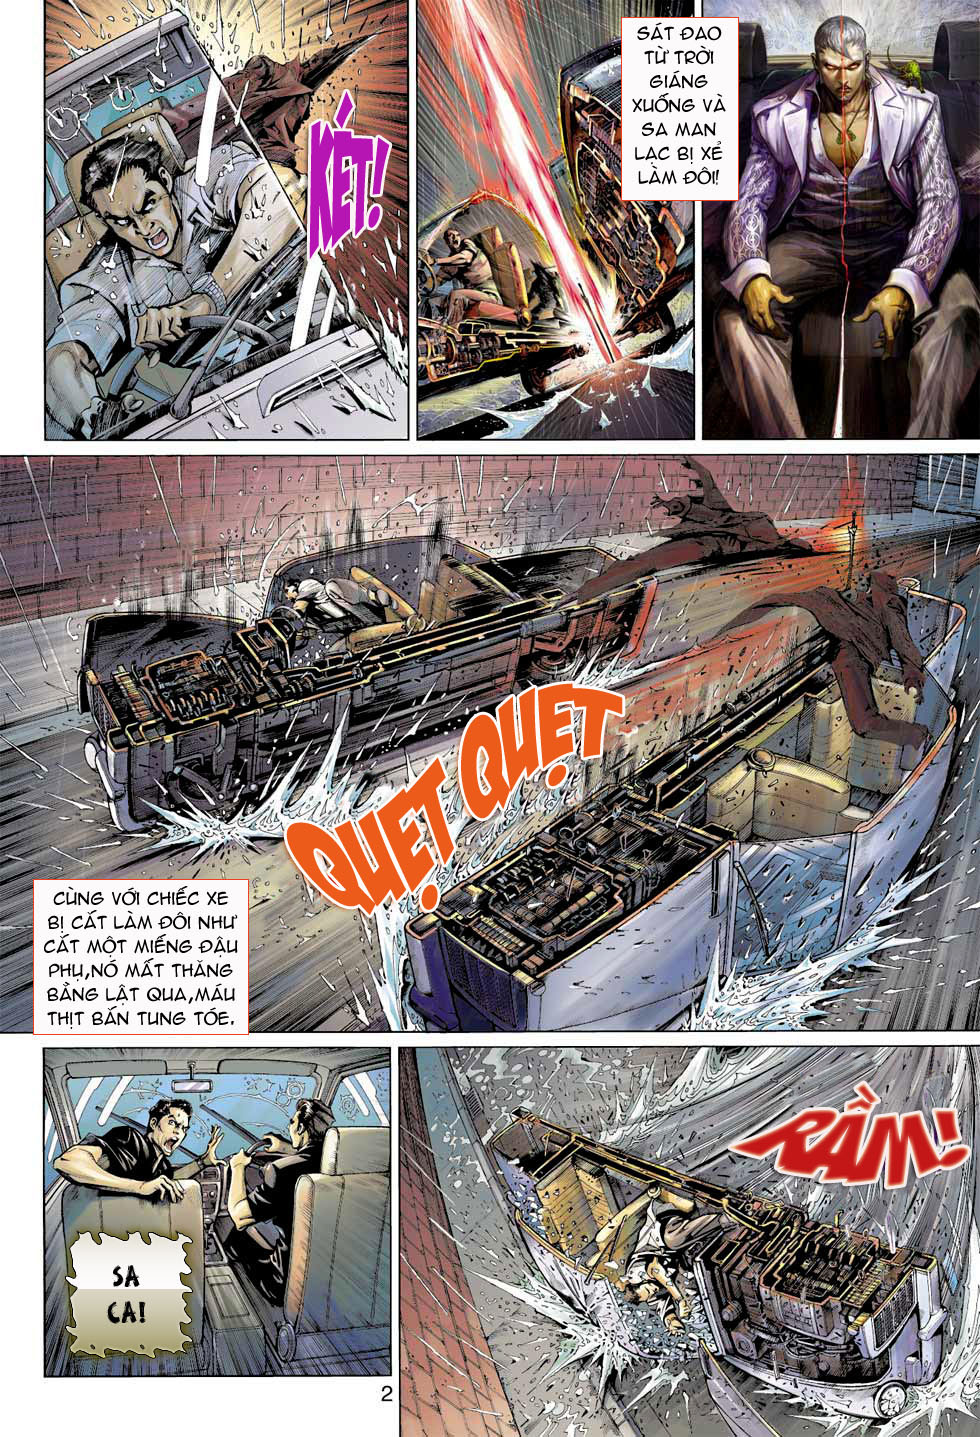 Thần Binh 4 chap 8 - Trang 2